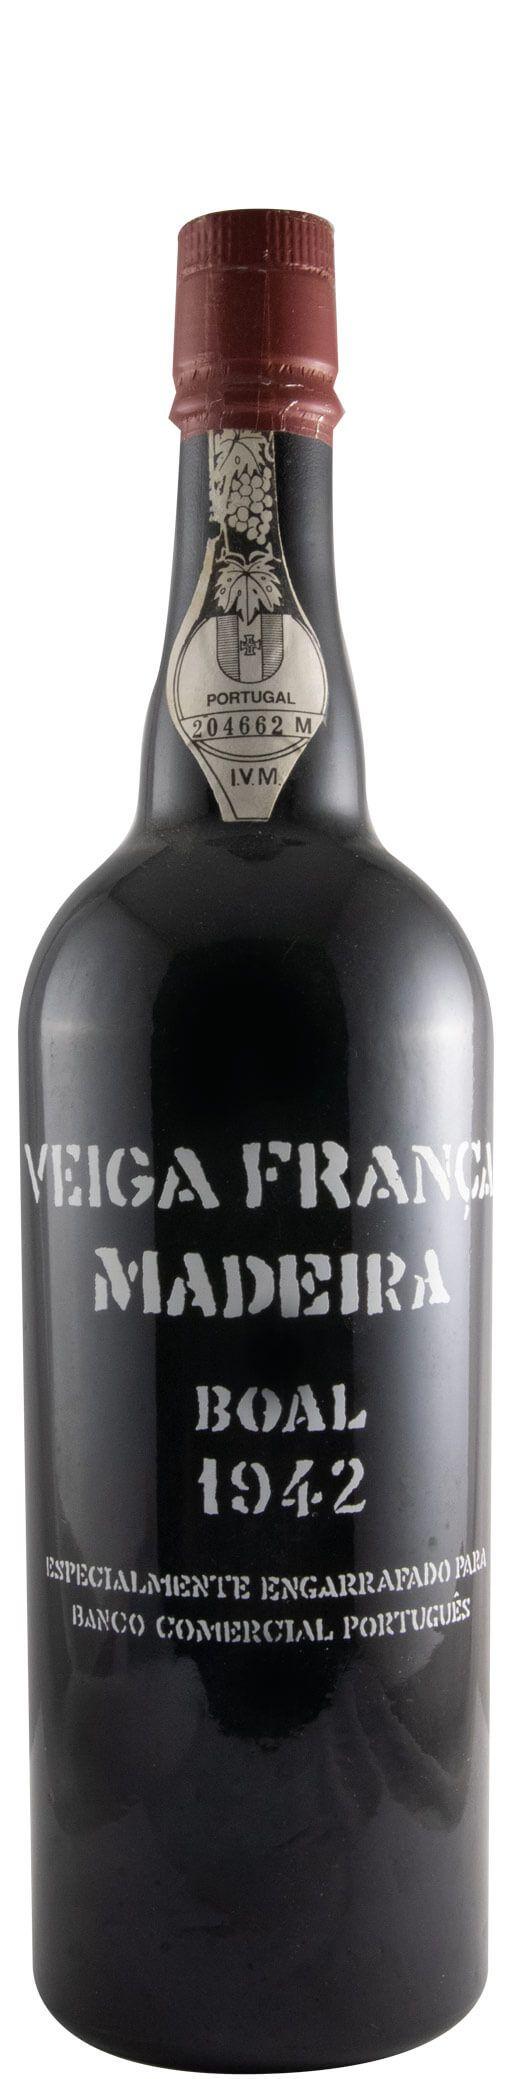 ボアル・ヴェイガ・フランサ ED.BCP マデイラ 1942年